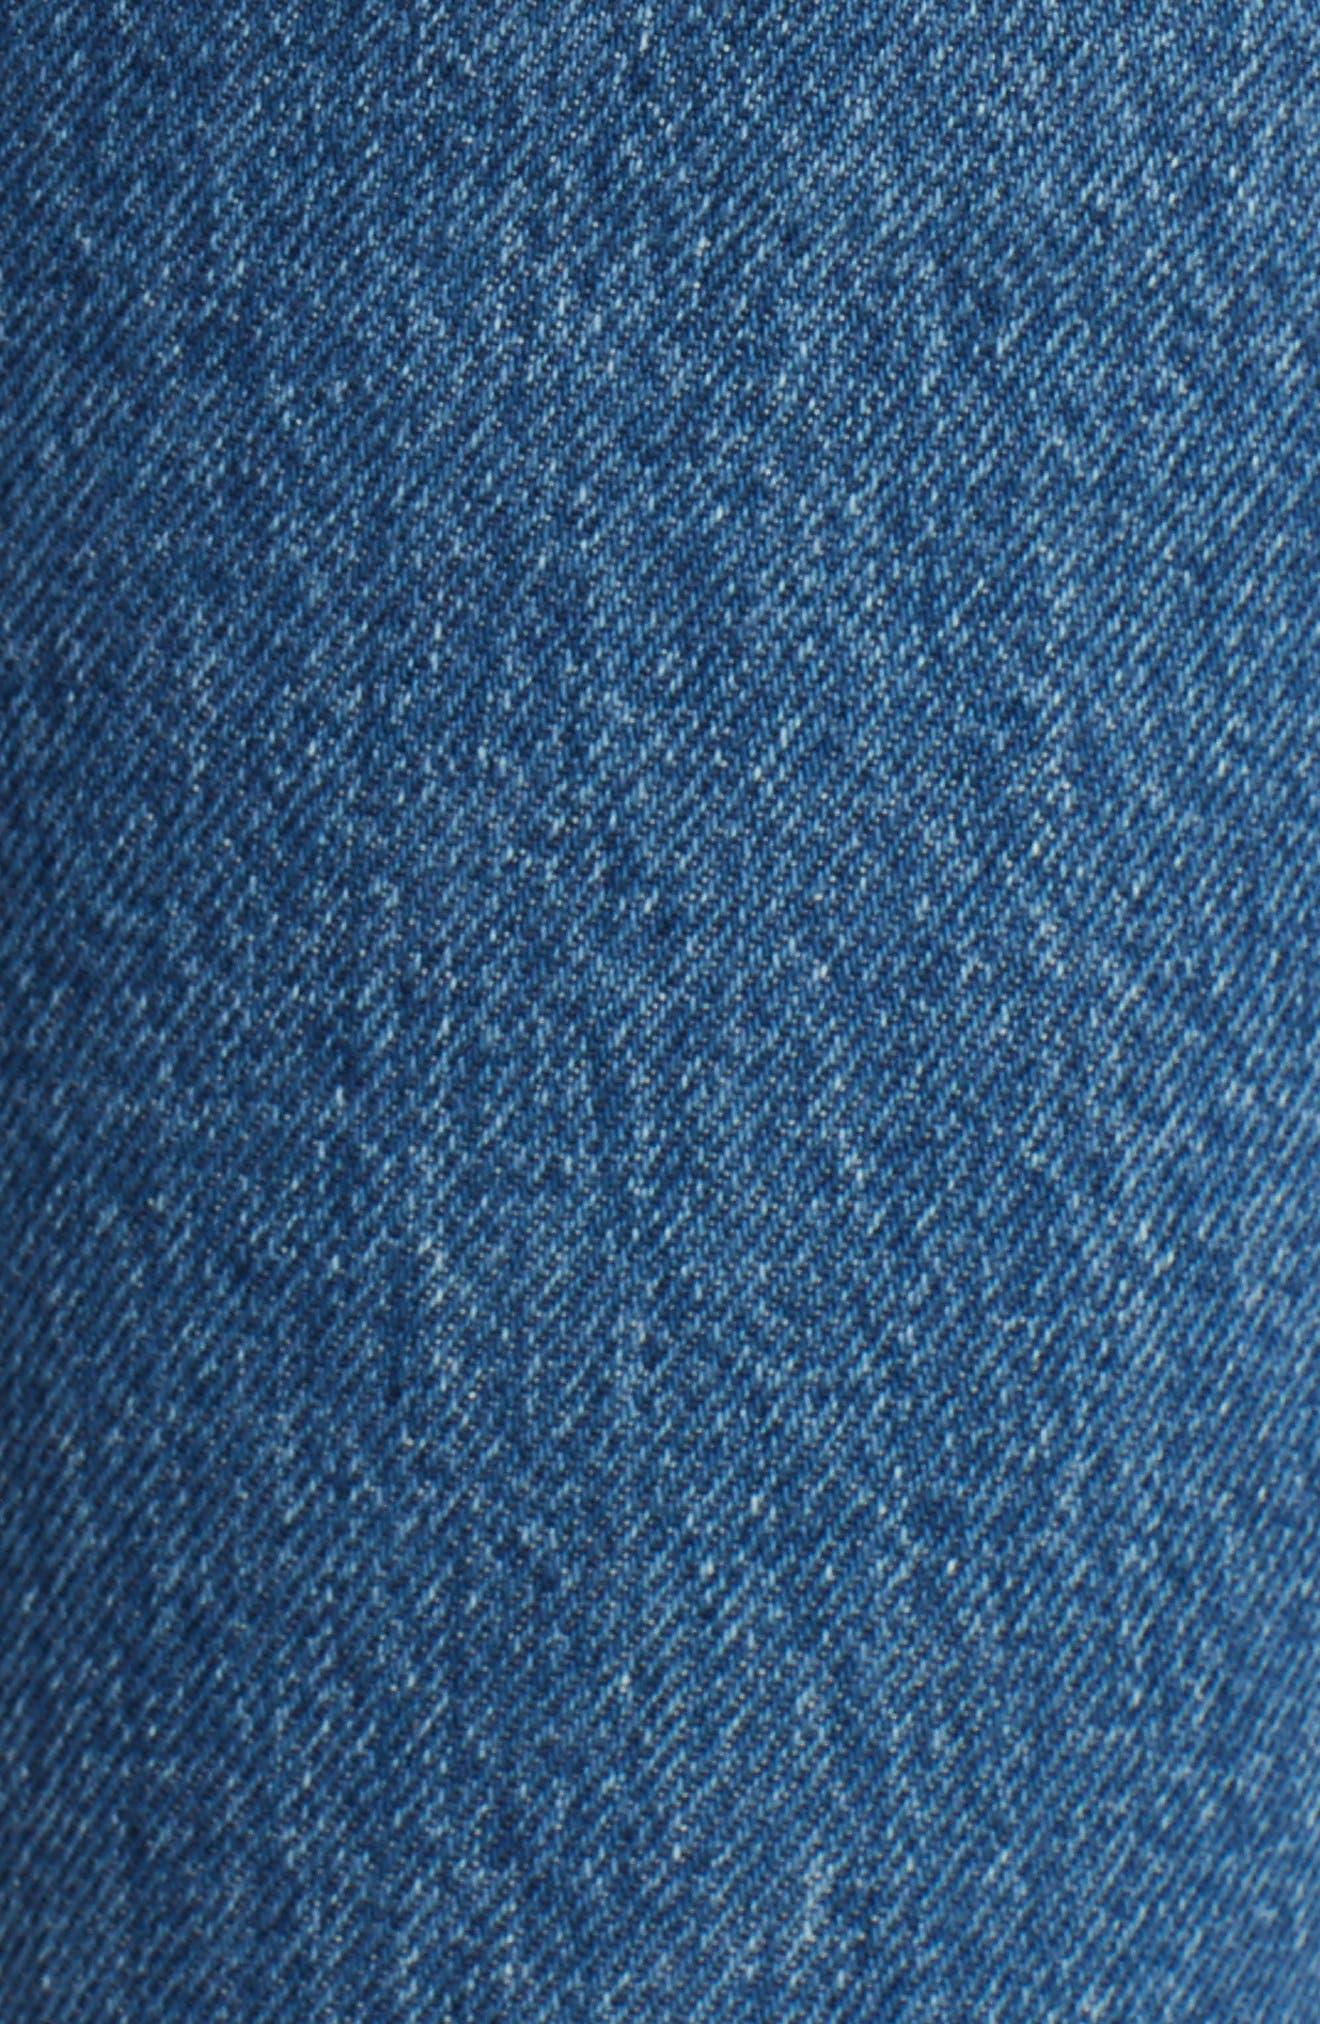 Embellished Patchwork Skinny Jeans,                             Alternate thumbnail 5, color,                             410